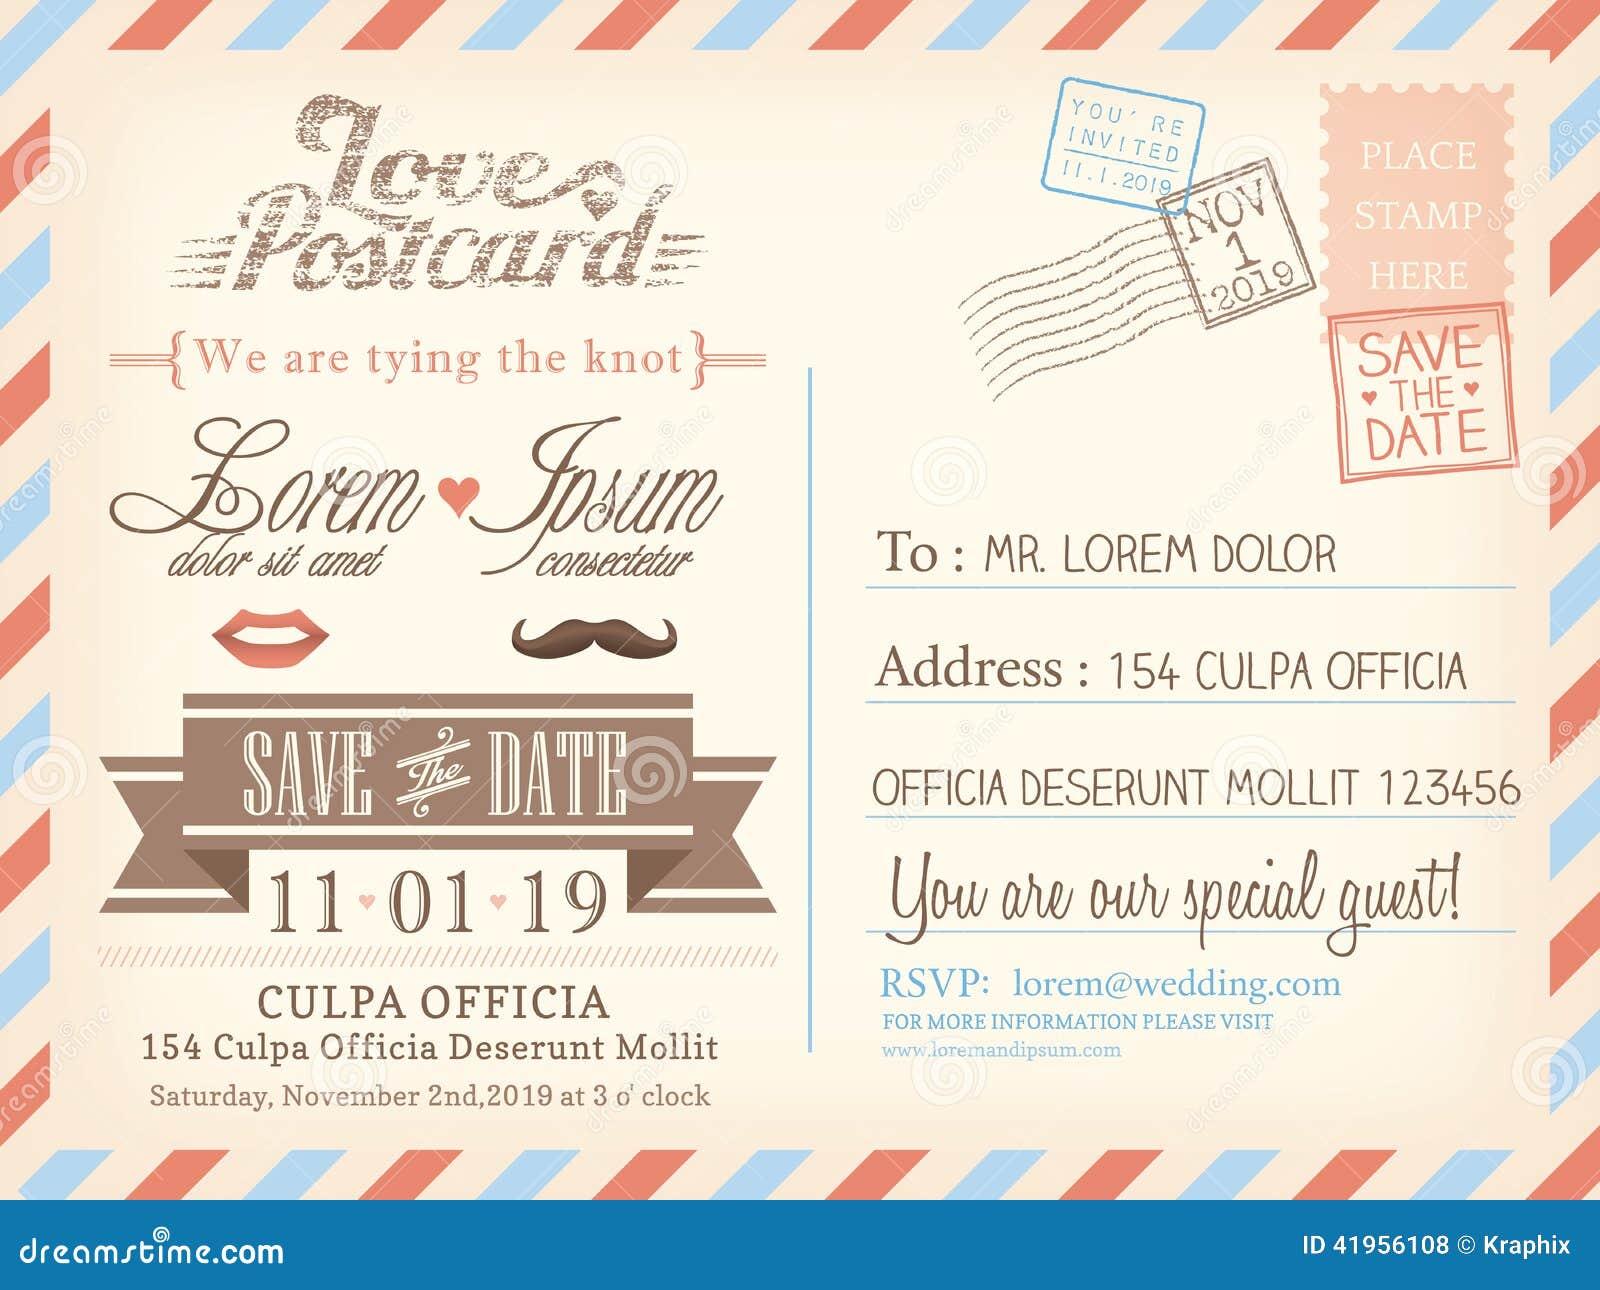 Plantilla del fondo de la postal del correo aéreo del vintage para casarse la invitación